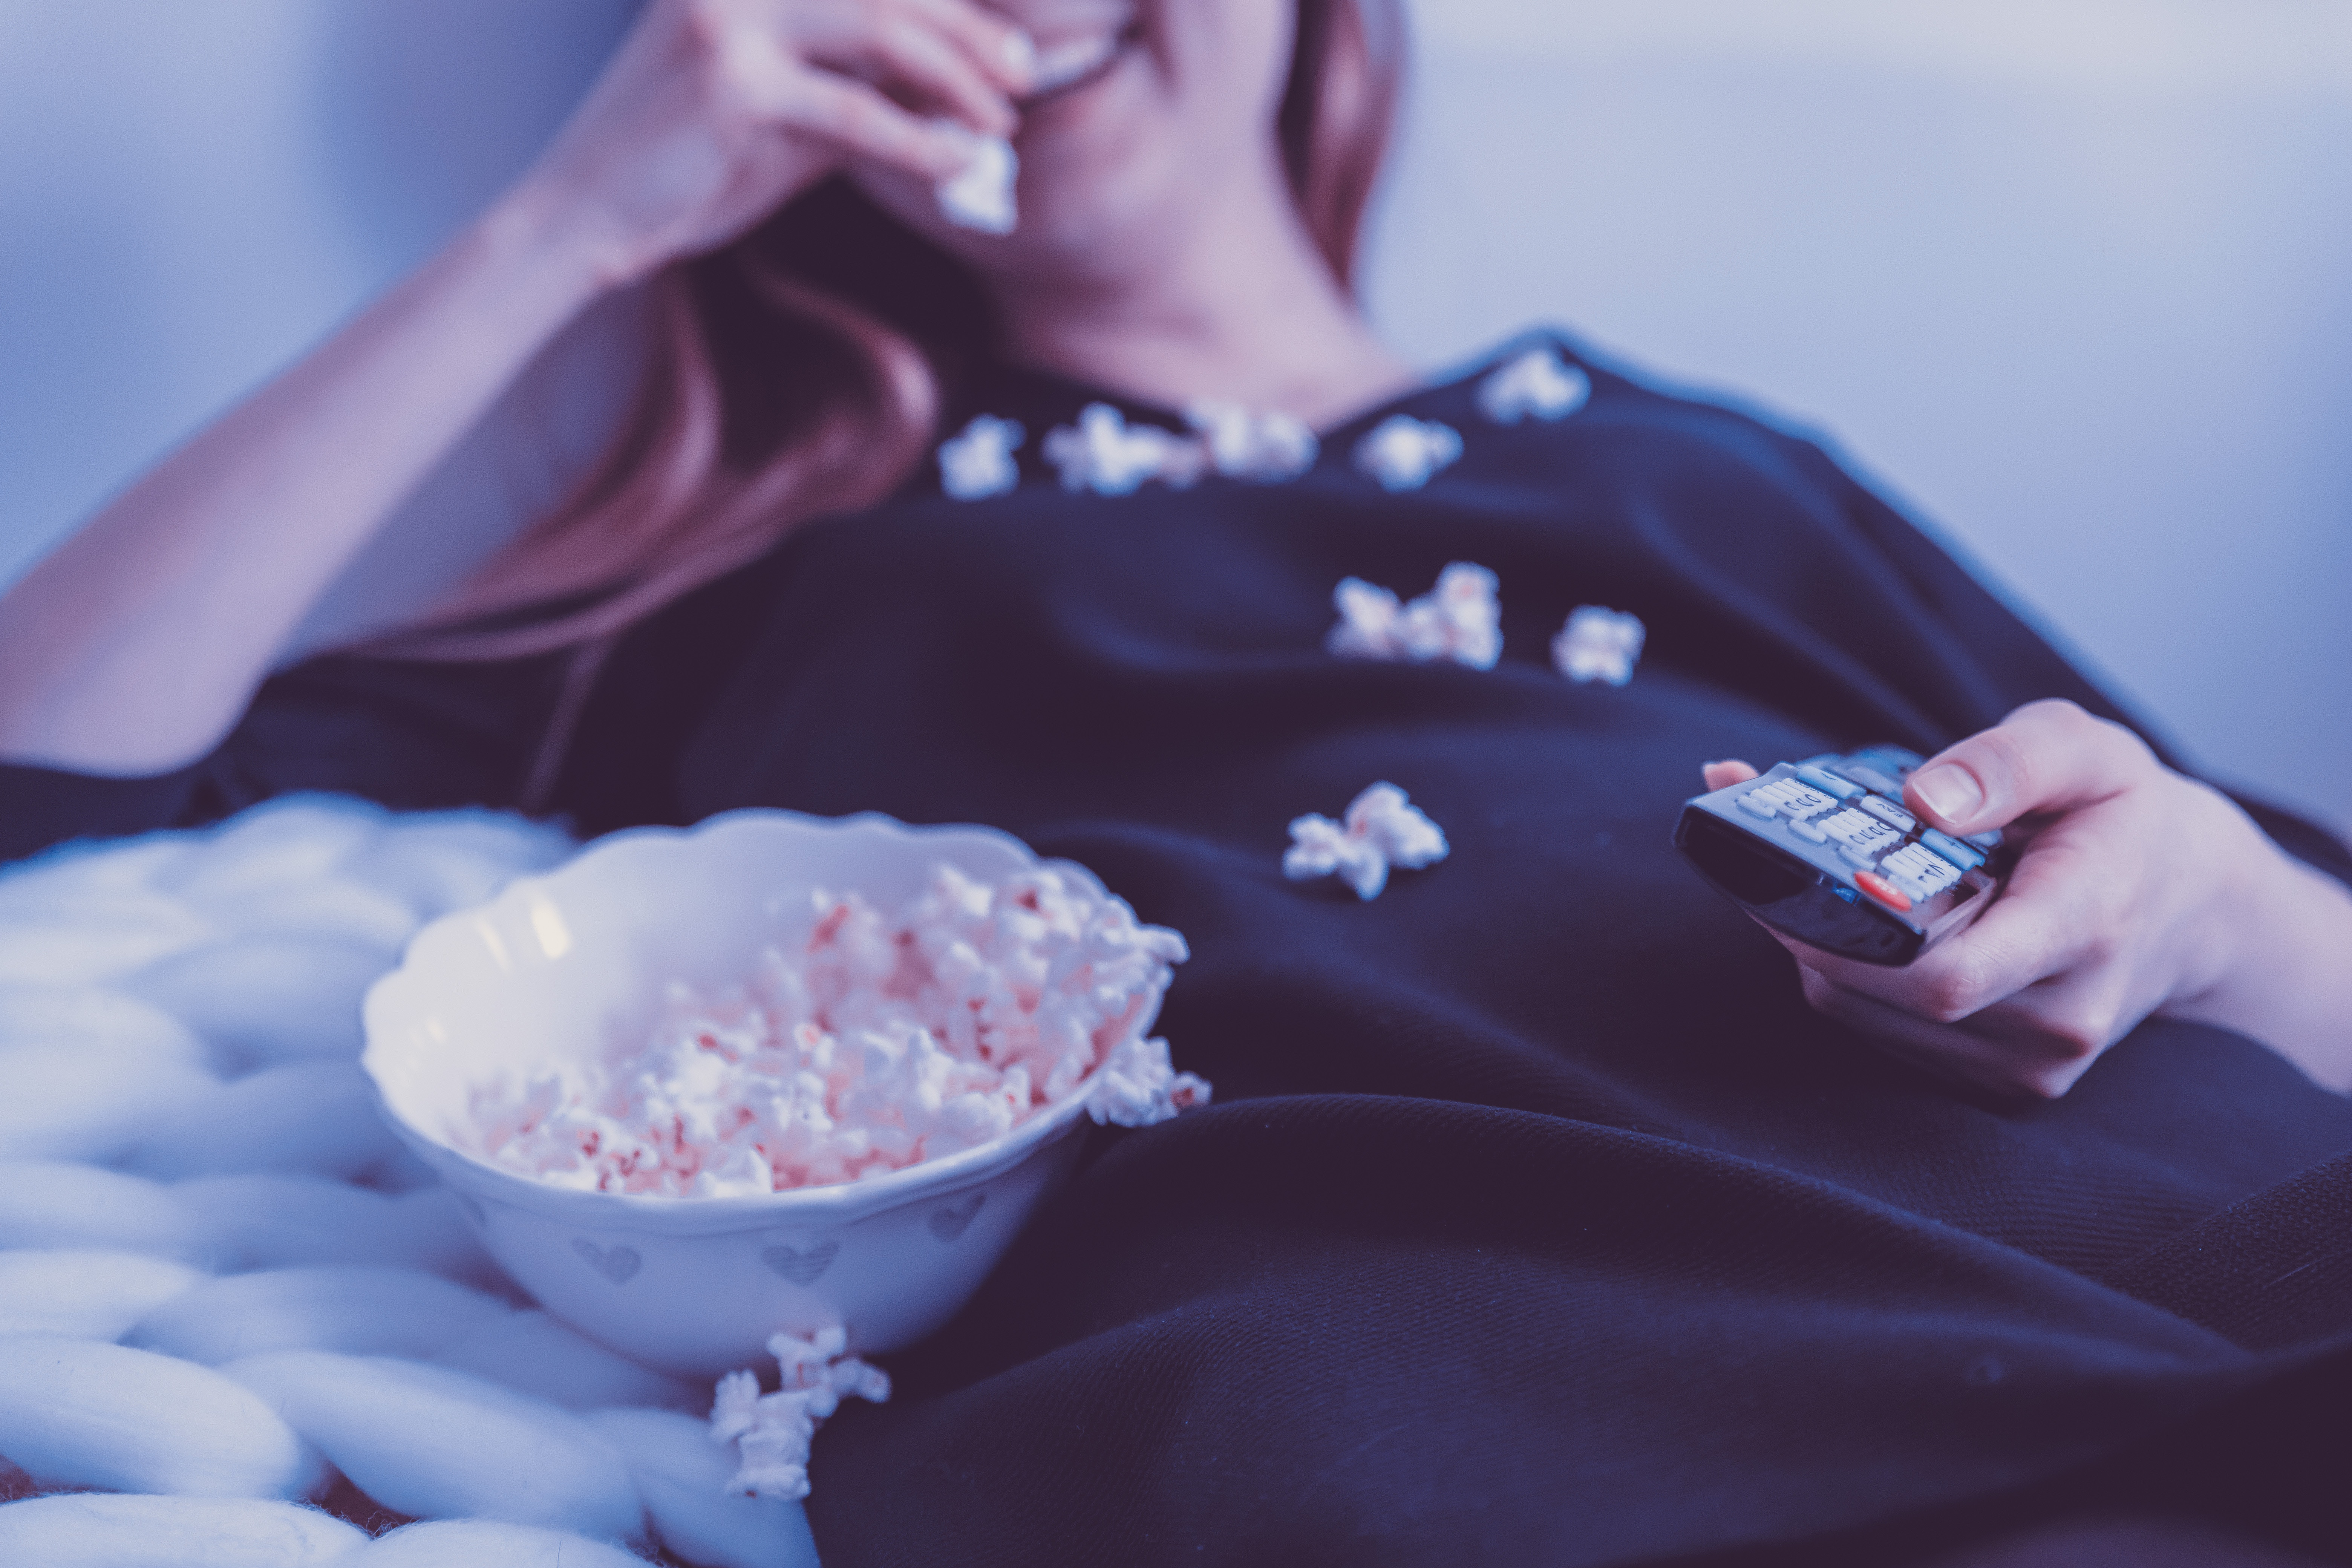 Top 10 filmes para assistir com TV Vivo Fibra